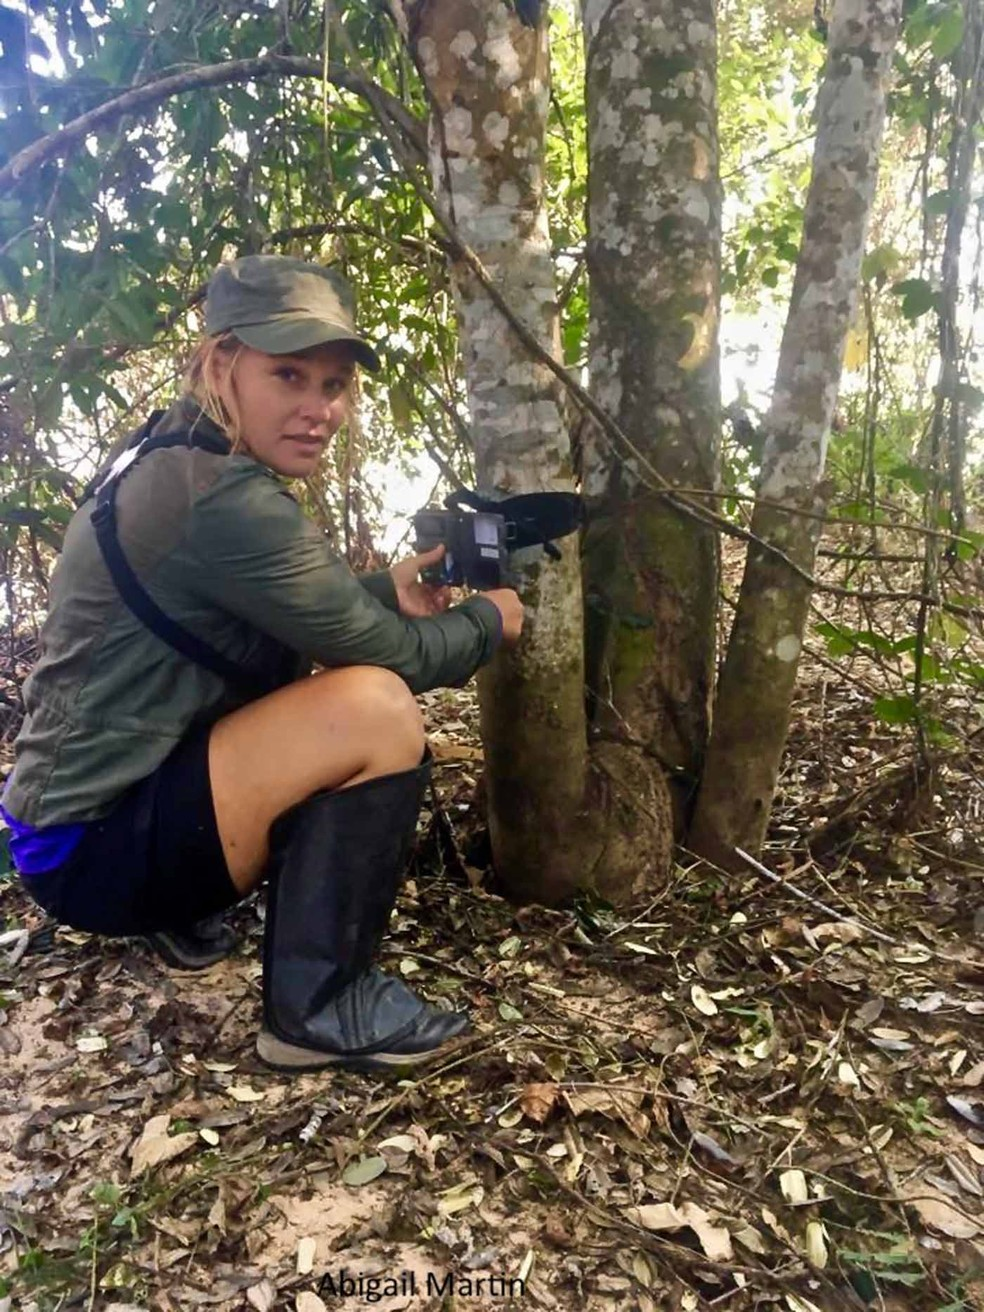 Abigail Martin é uma zoóloga americana de 28 anos que desde 2013 mantém um catálogo de onças-pintadas descobertas e 'batizadas' por ecoturistas — Foto: Arquivo pessoal/Abigail Martin/Jaguar ID Project